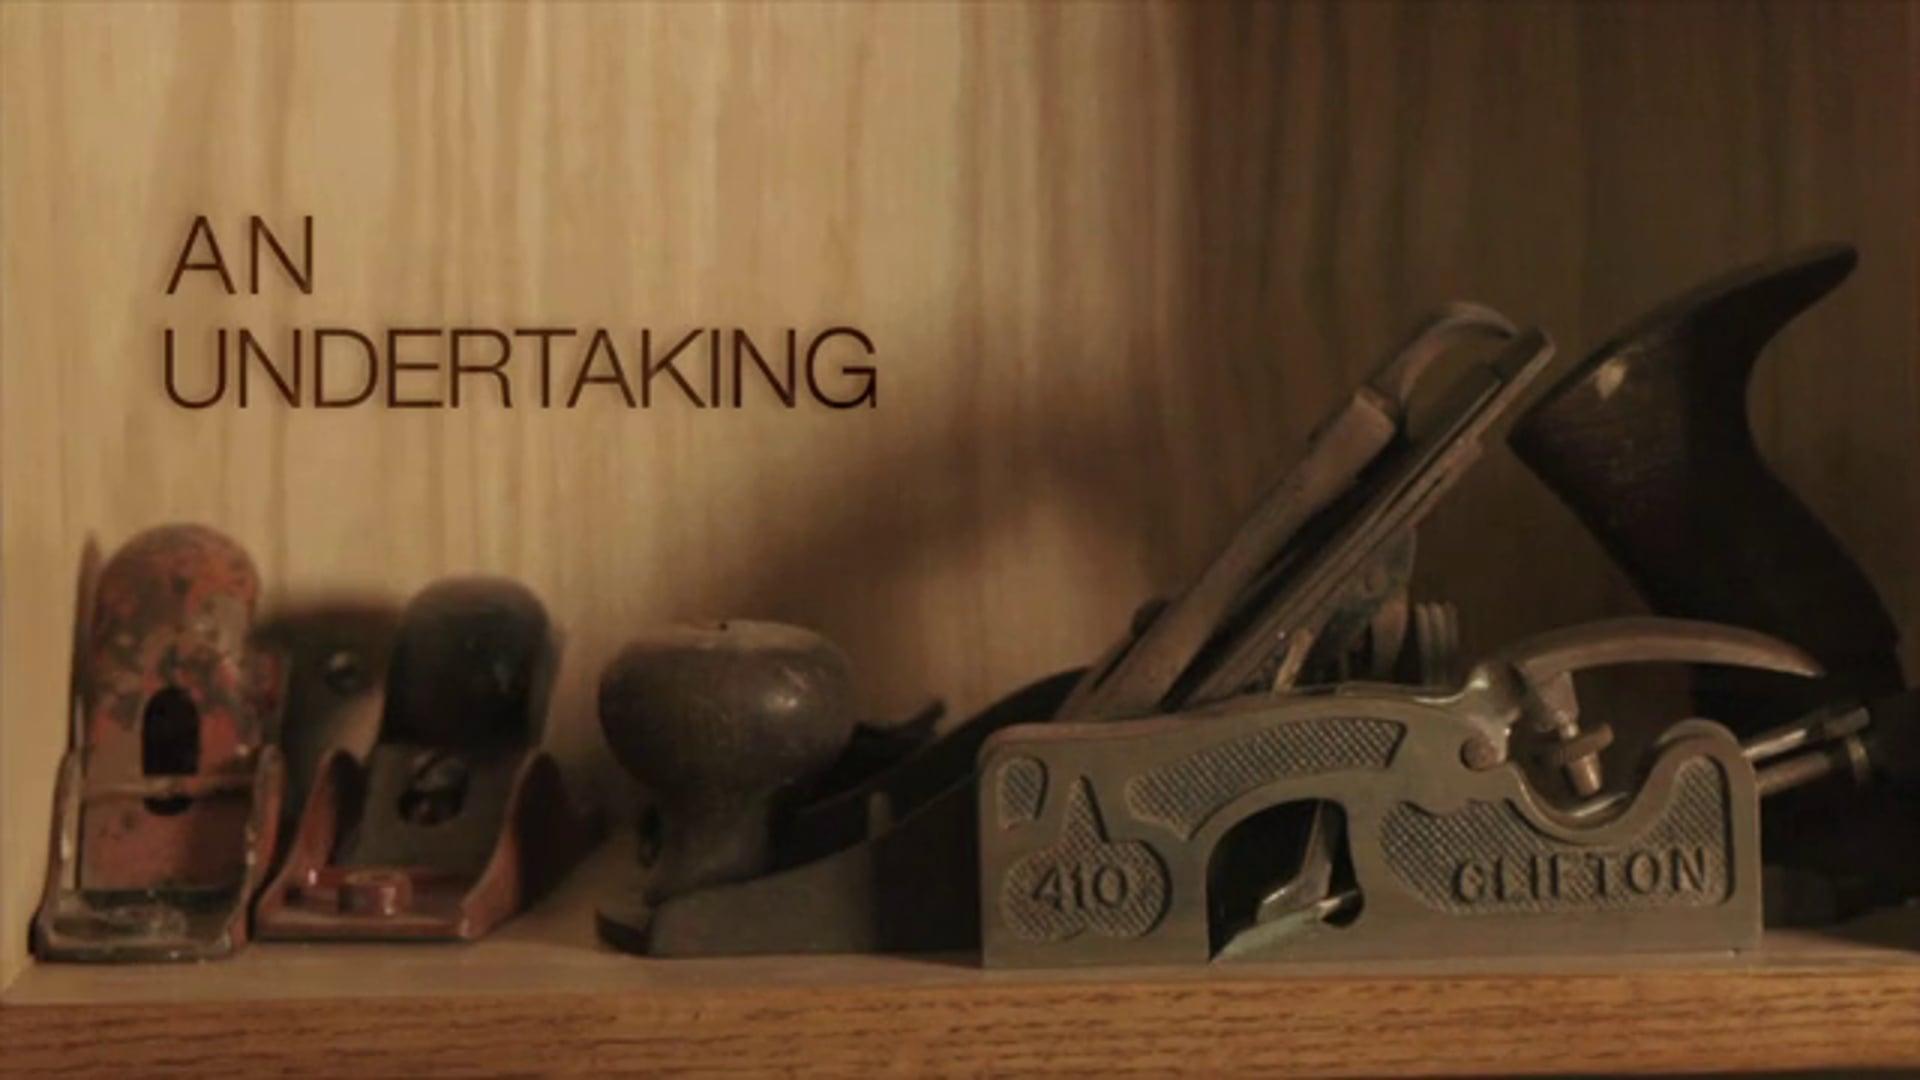 DARK RYE - An Undertaking